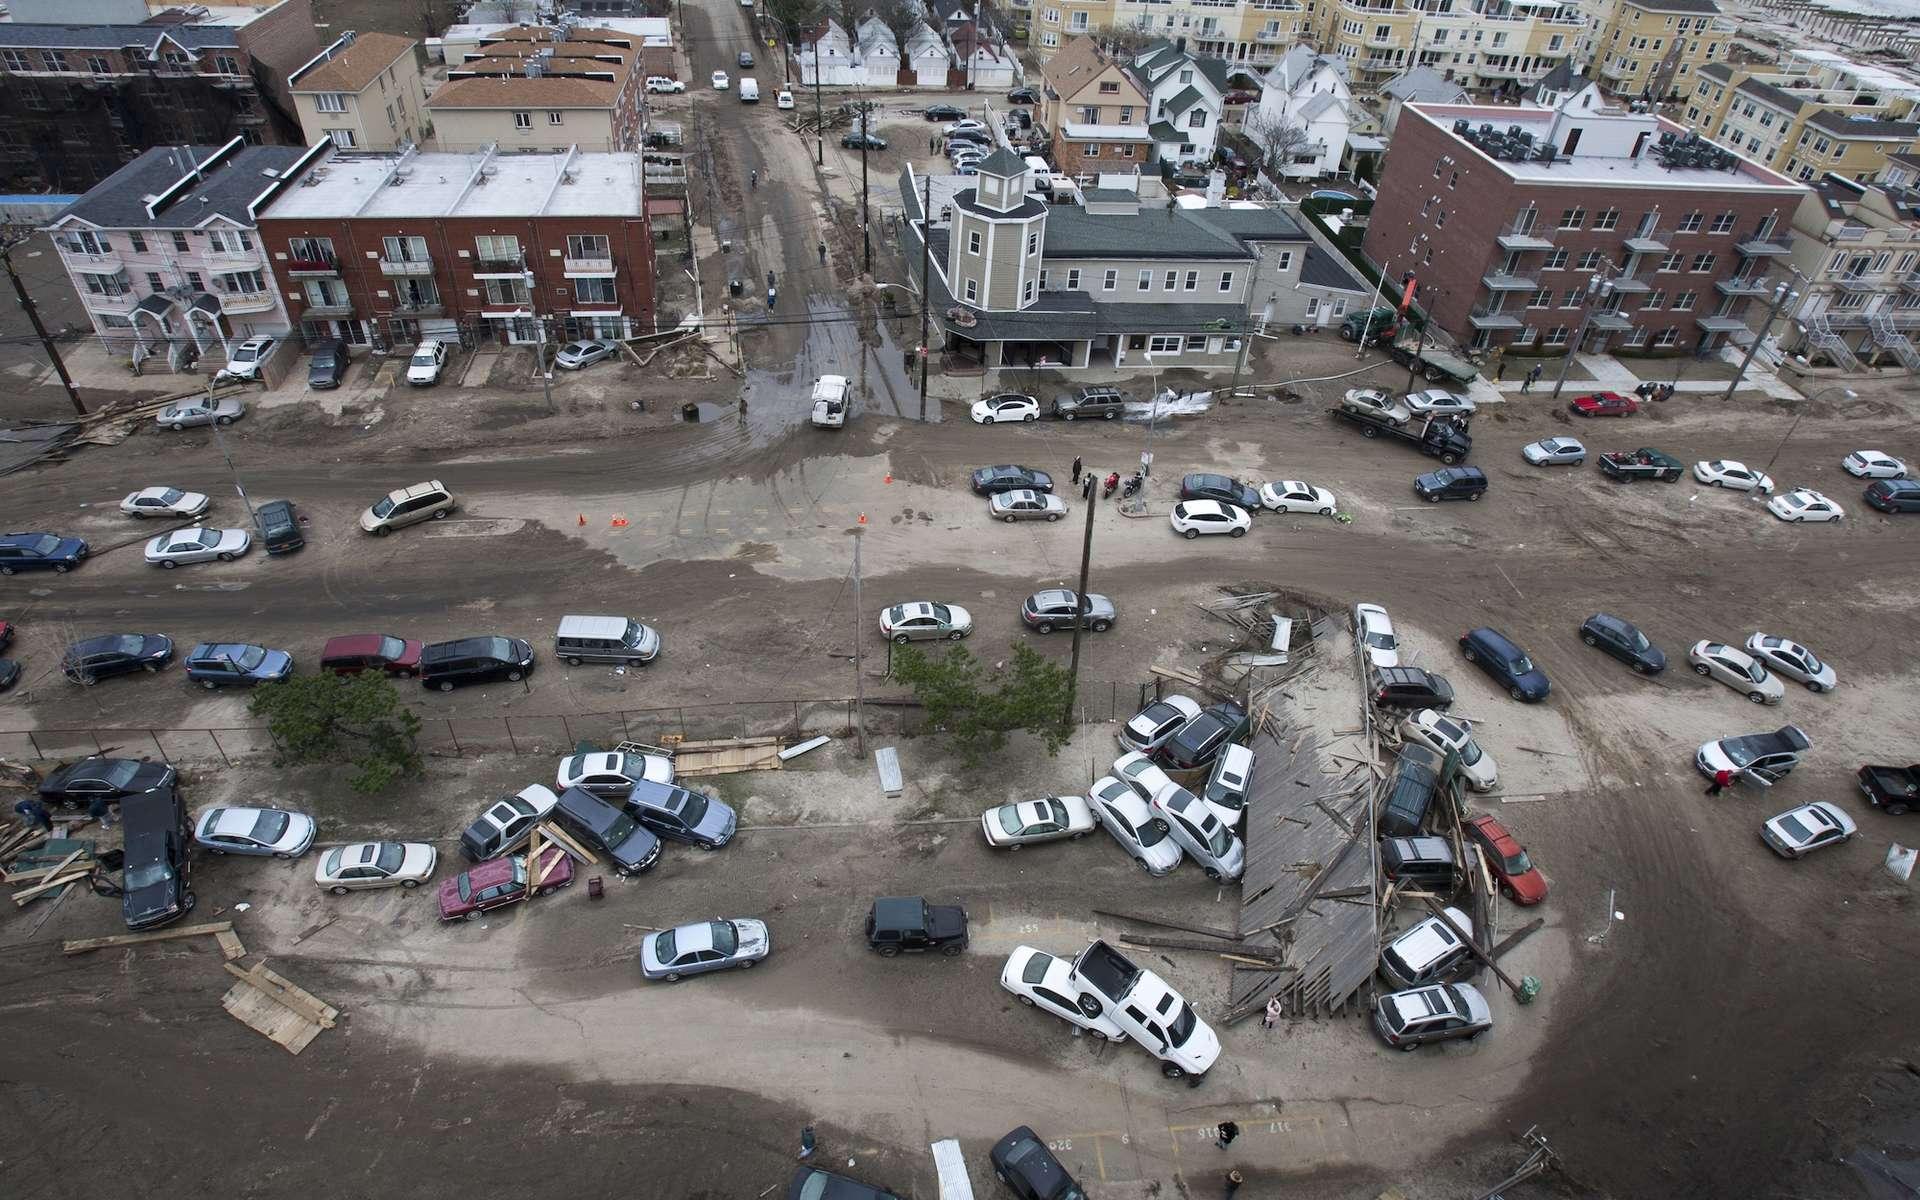 Après avoir ravagé la Louisiane, l'ouragan Ida poursuit sa route dévastatrice. Des pluies torrentielles ont inondé New York la nuit dernière. En photo, un quartier de New York dévasté après le passage de l'ouragan Sandy. © MISHELLA, Adobe Stock